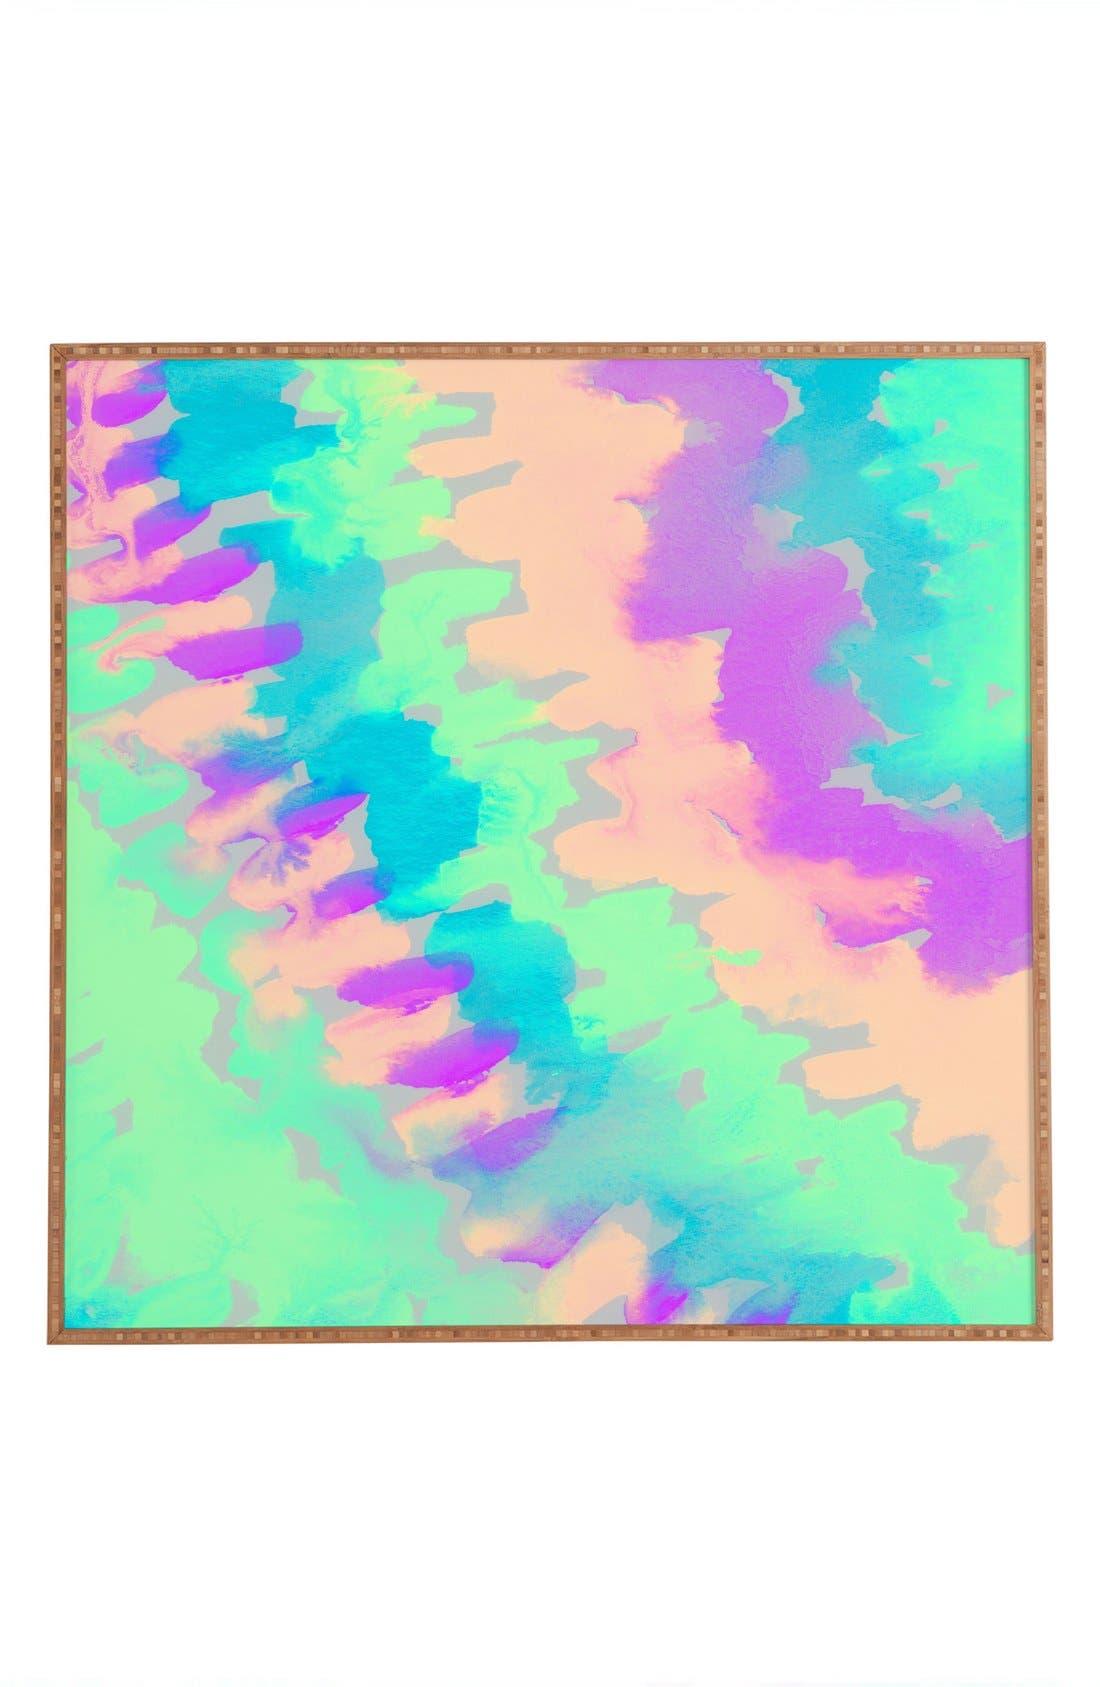 Alternate Image 1 Selected - DENY Designs 'Some Kind of Wonderful' Framed Wall Art